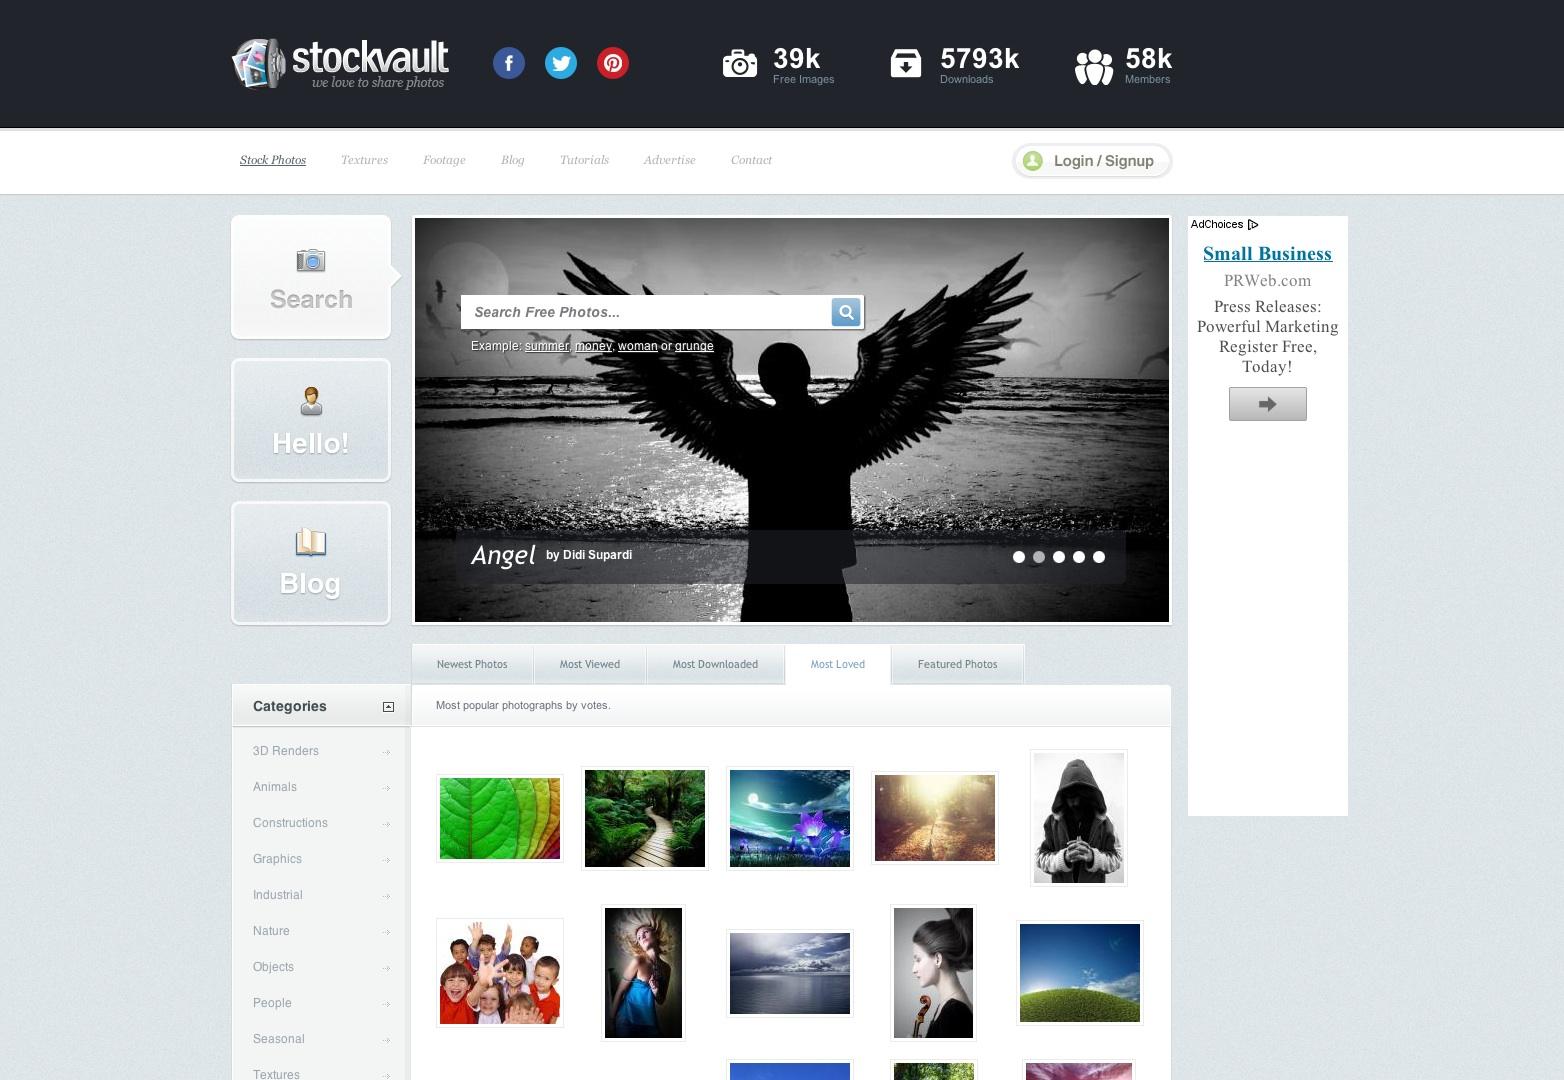 Fotos de archivo gratis | Stockvault.net - Fotos gratis - imágenes gratis